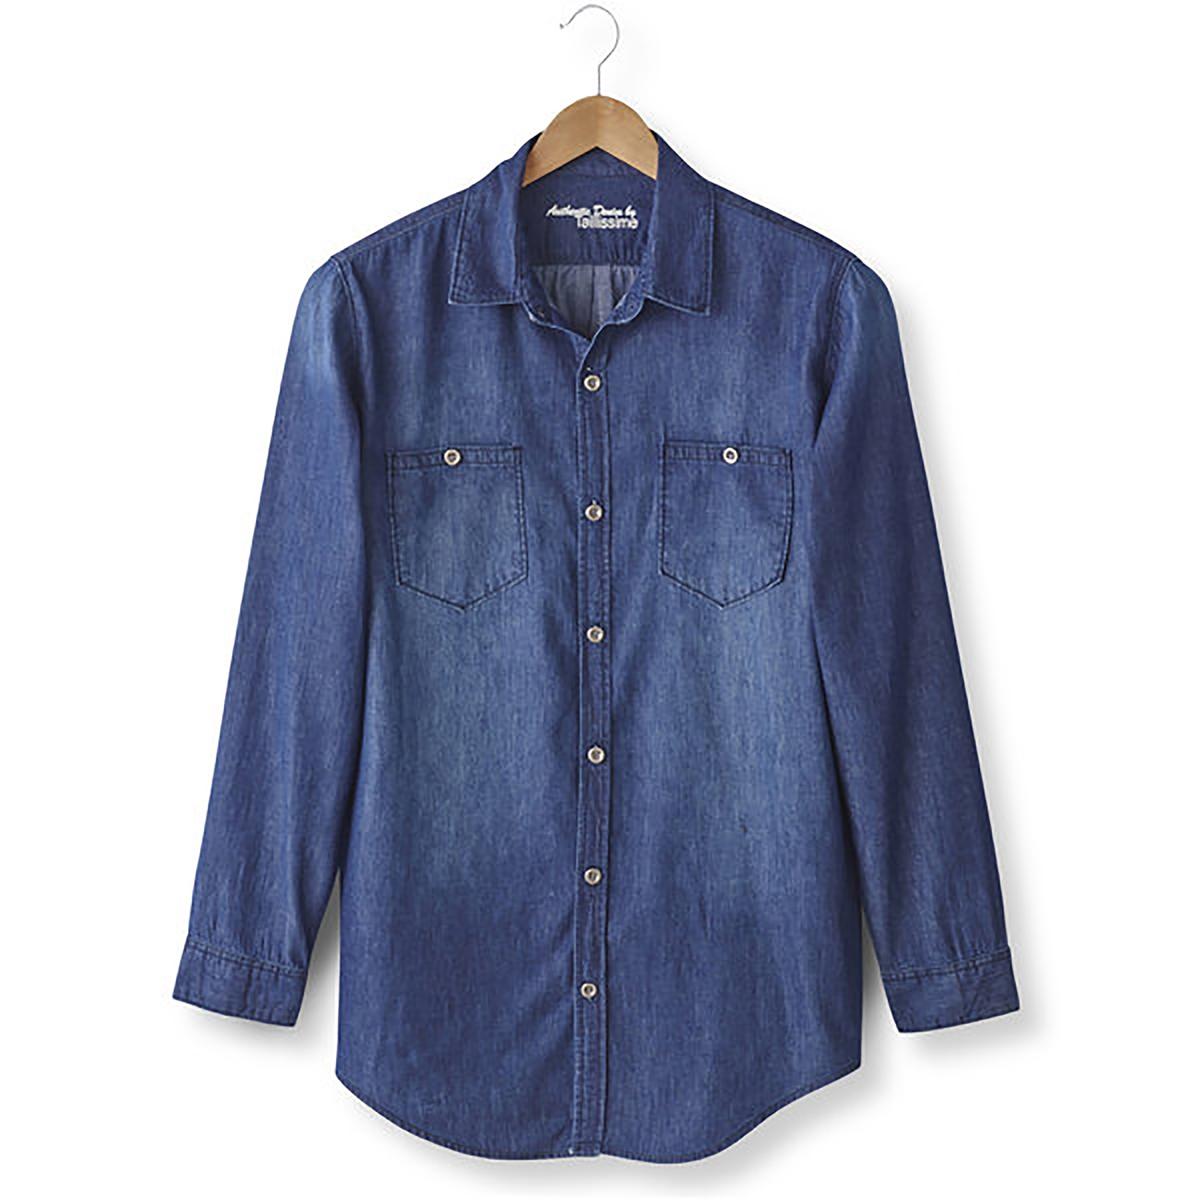 Джинсовая рубашка (+ 1,87 м)